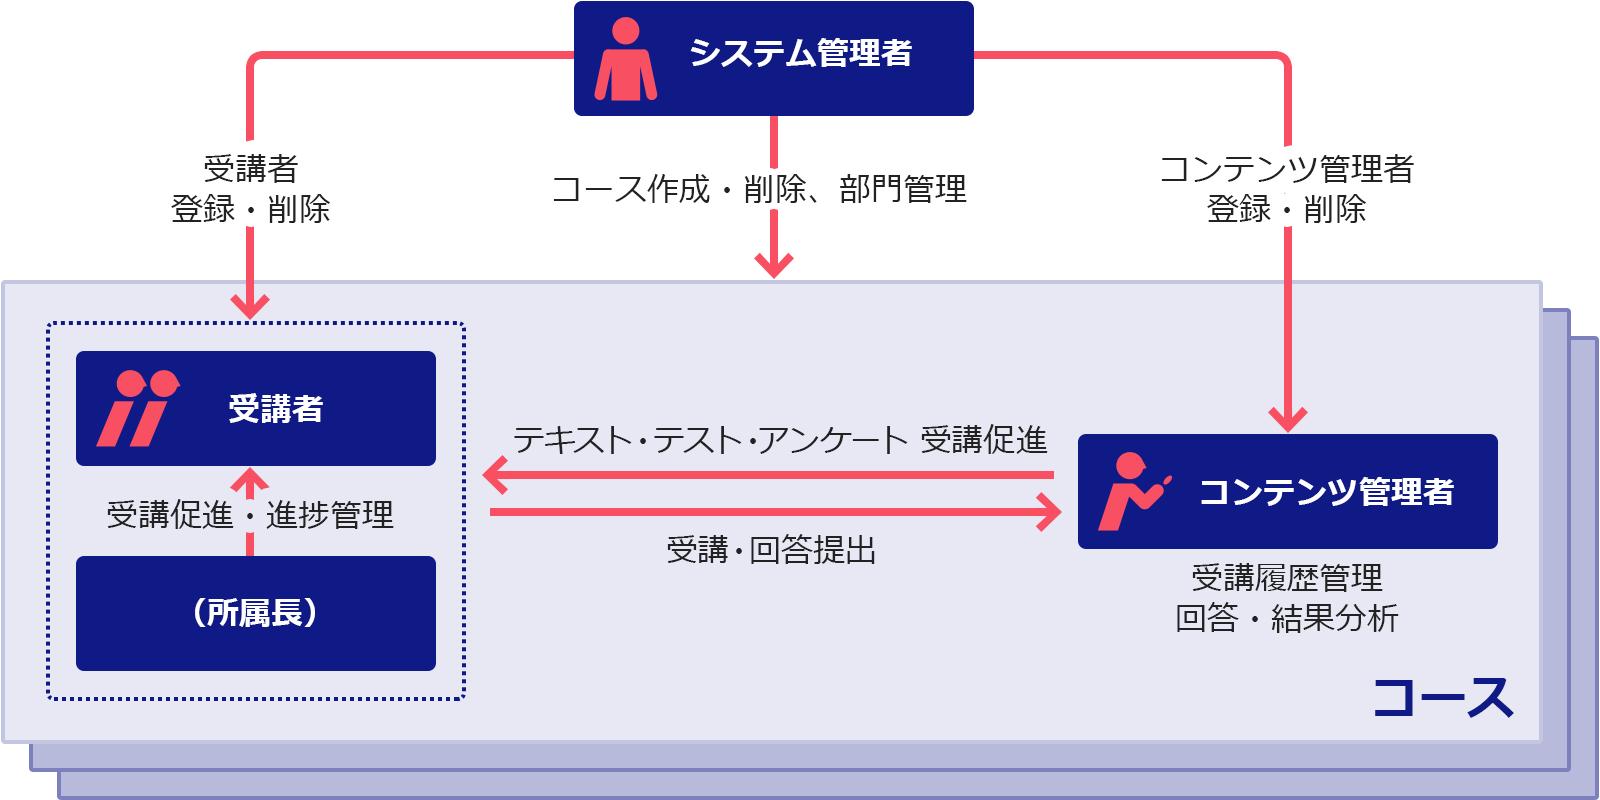 オール優のシステム